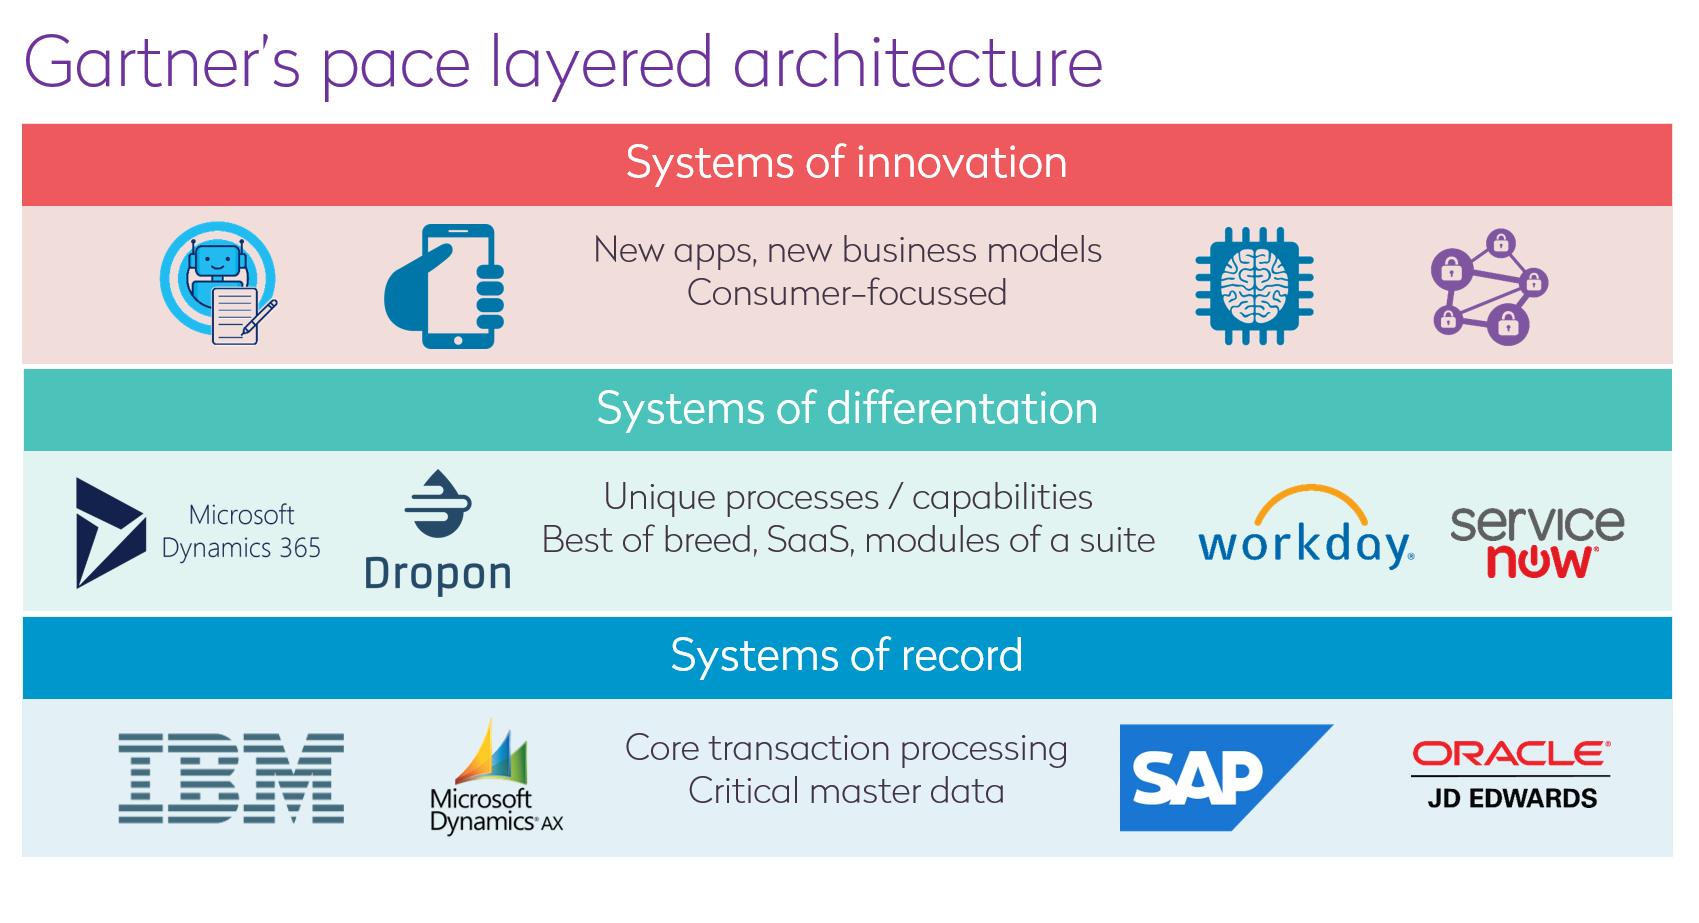 Gartner's pace layered achitecture